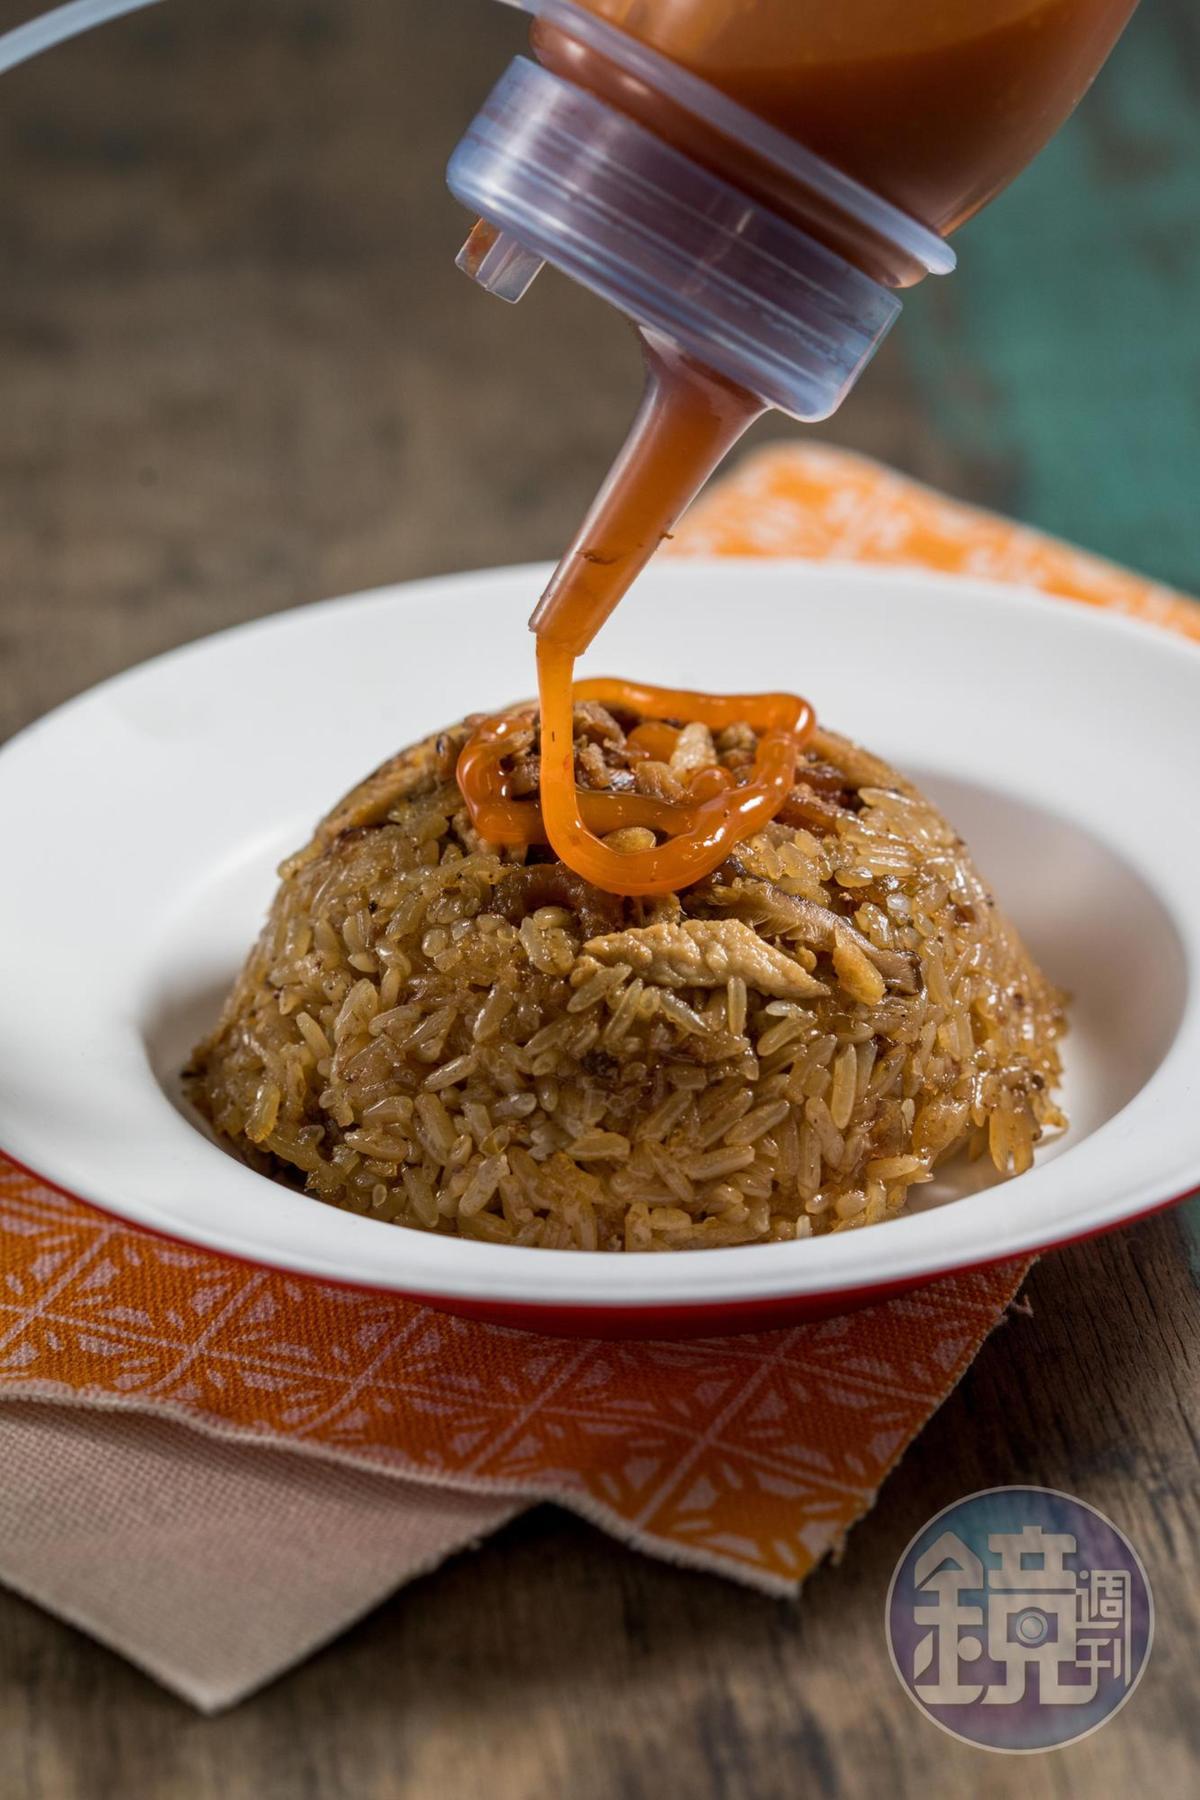 傳香碗粿的油飯粒粒分明,加上辣醬滋味更好。(30元/碗)